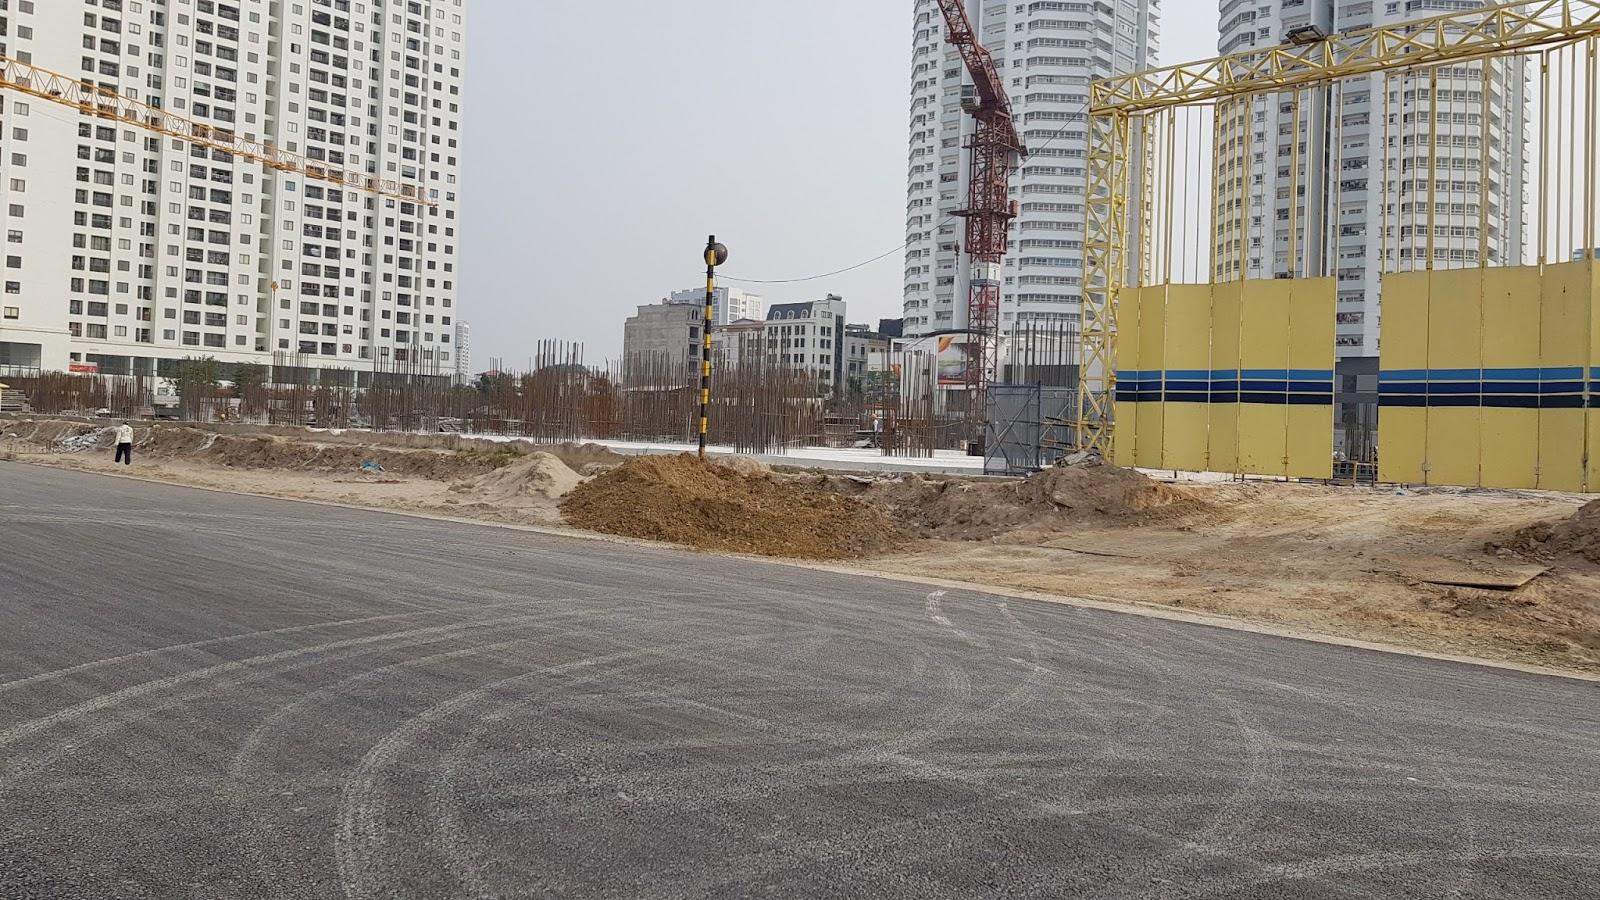 Đoạn đường 600m với mặt cắt ngang 40m trước mặt dự án kết nối từ Võ Chí Công (2)